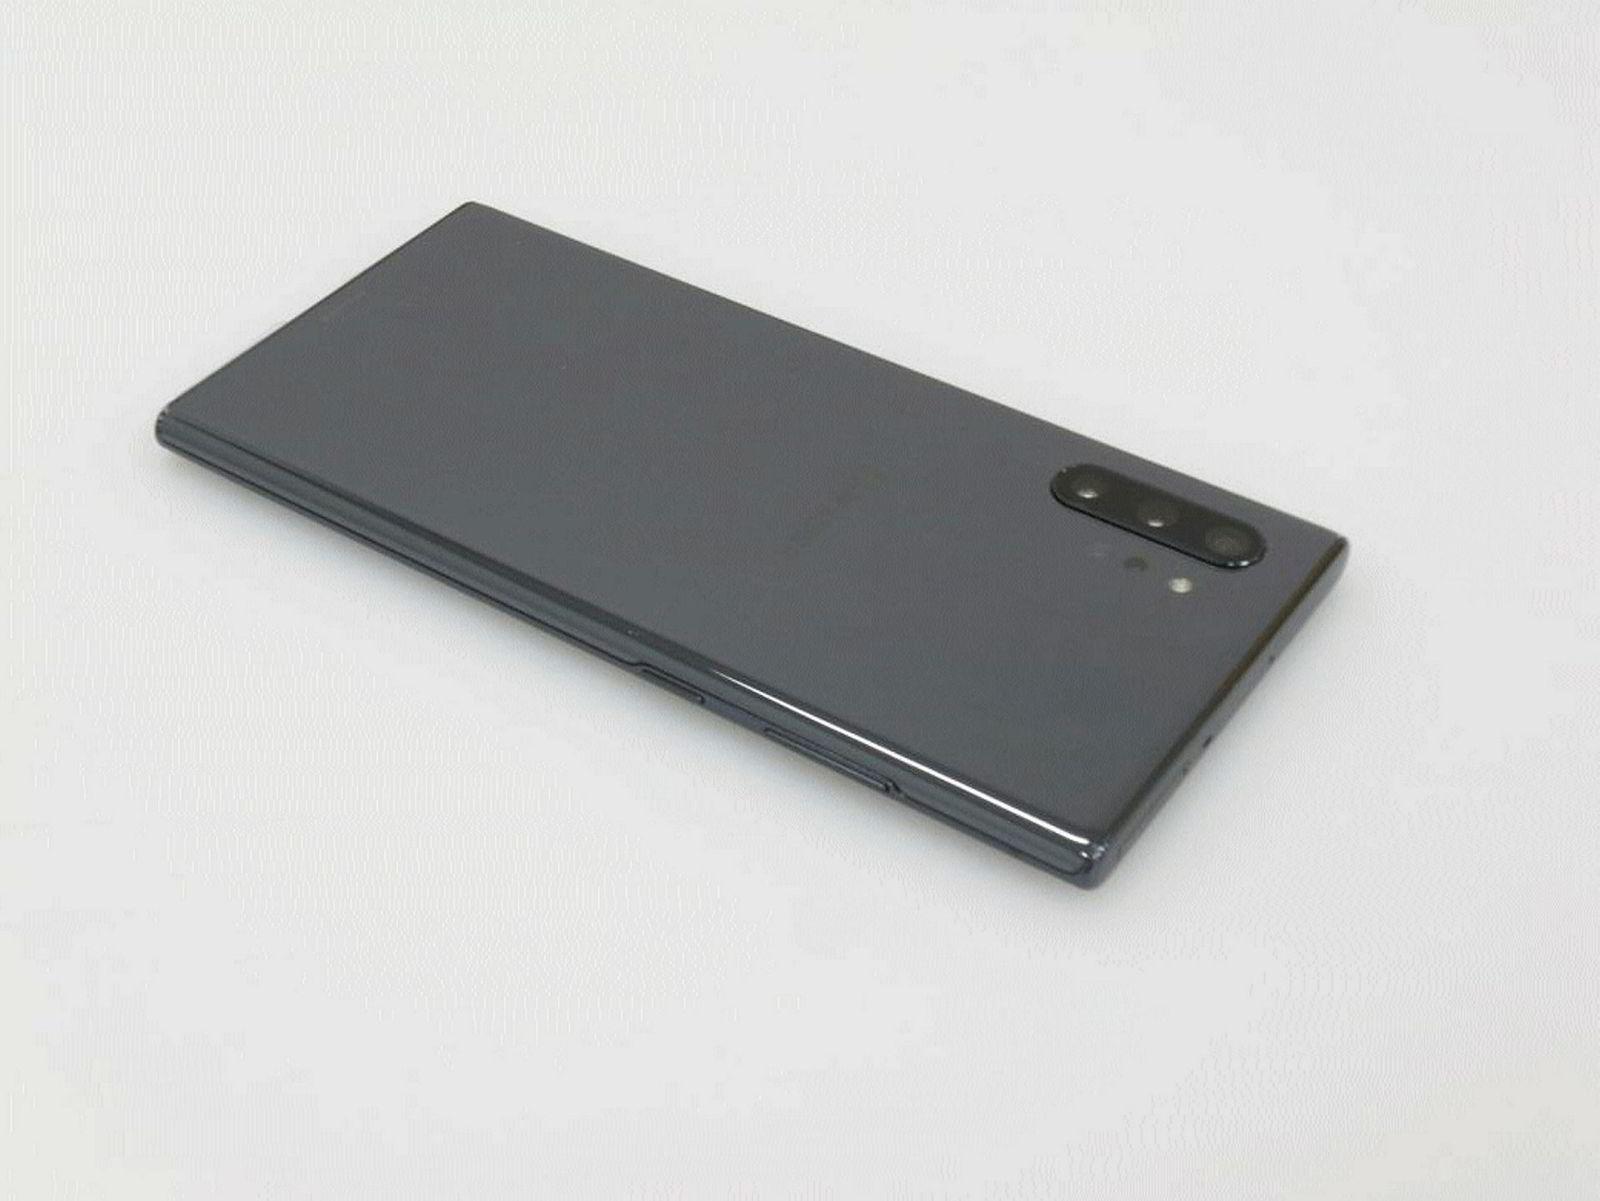 Samsungs Galaxy Note 10 kommer med tre kameraer på baksiden, og en sensor som støtter kameraene for å skape optiske dybdeeffekter.